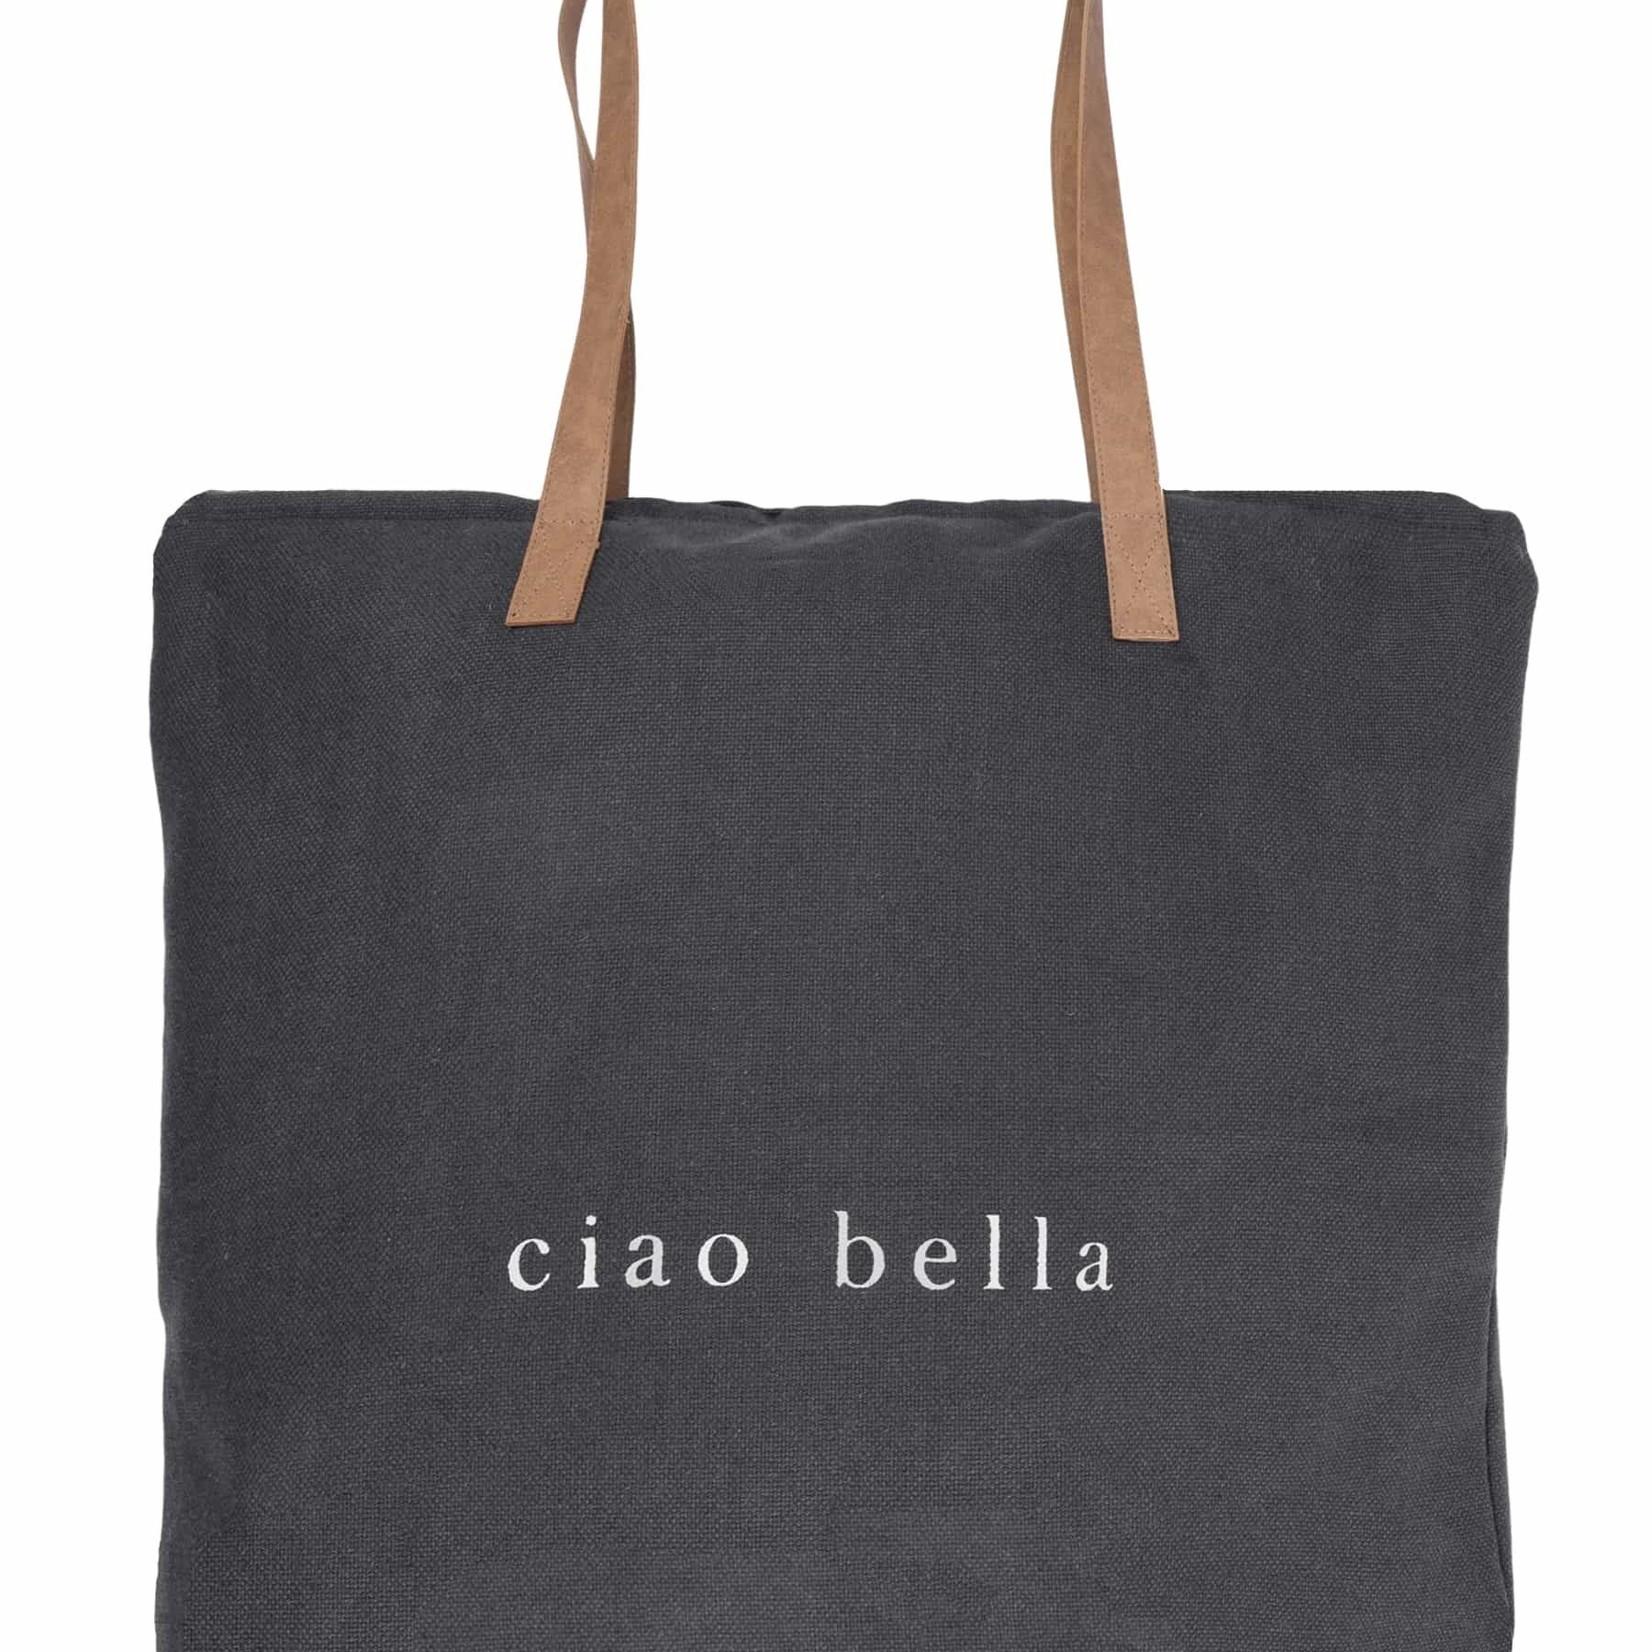 Hippe boodschappentas Ciao bella Zusss